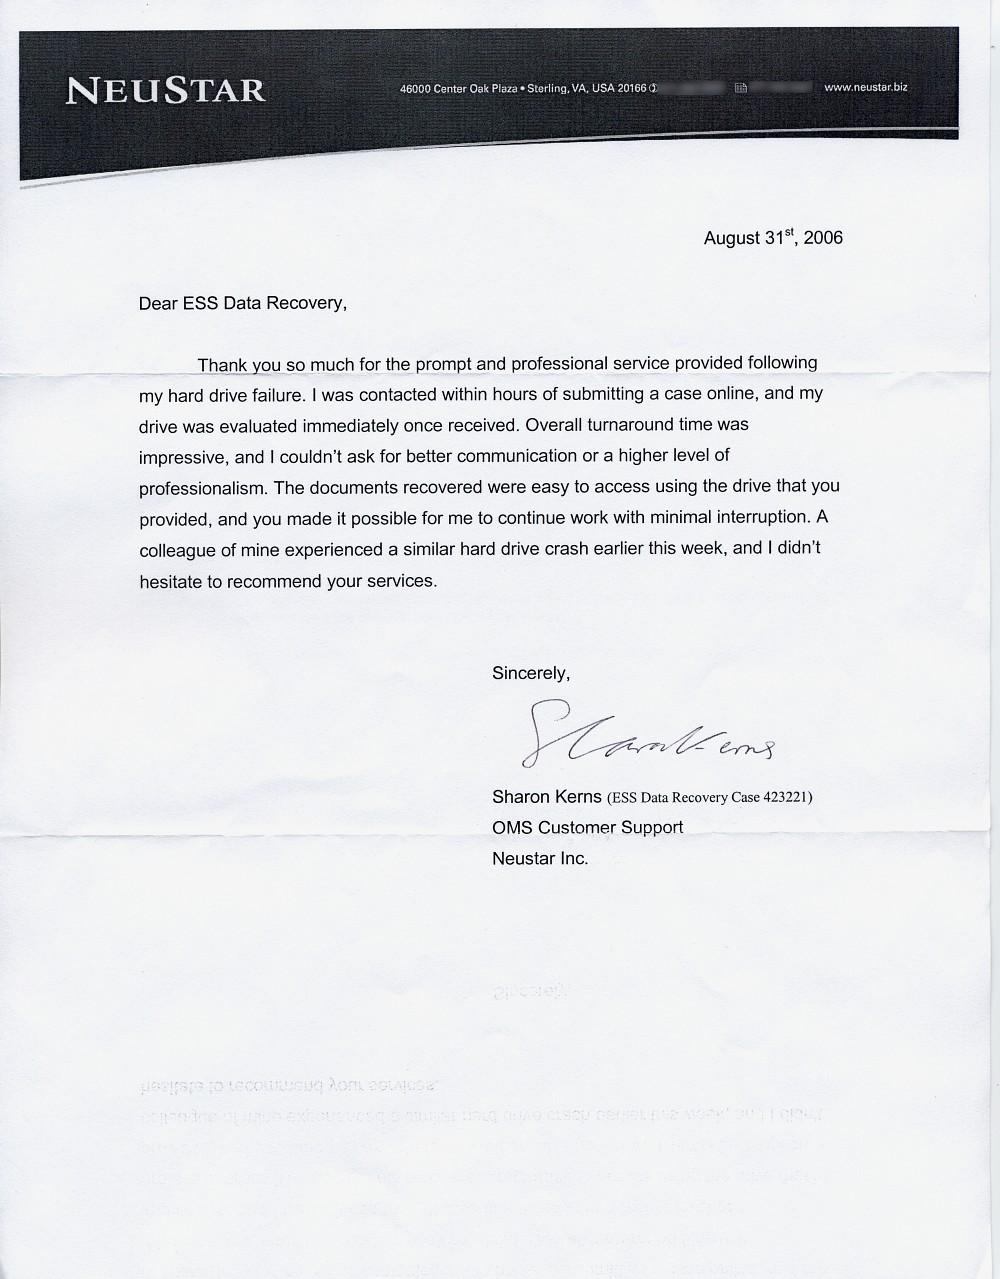 Neustar Inc. testimonial letter